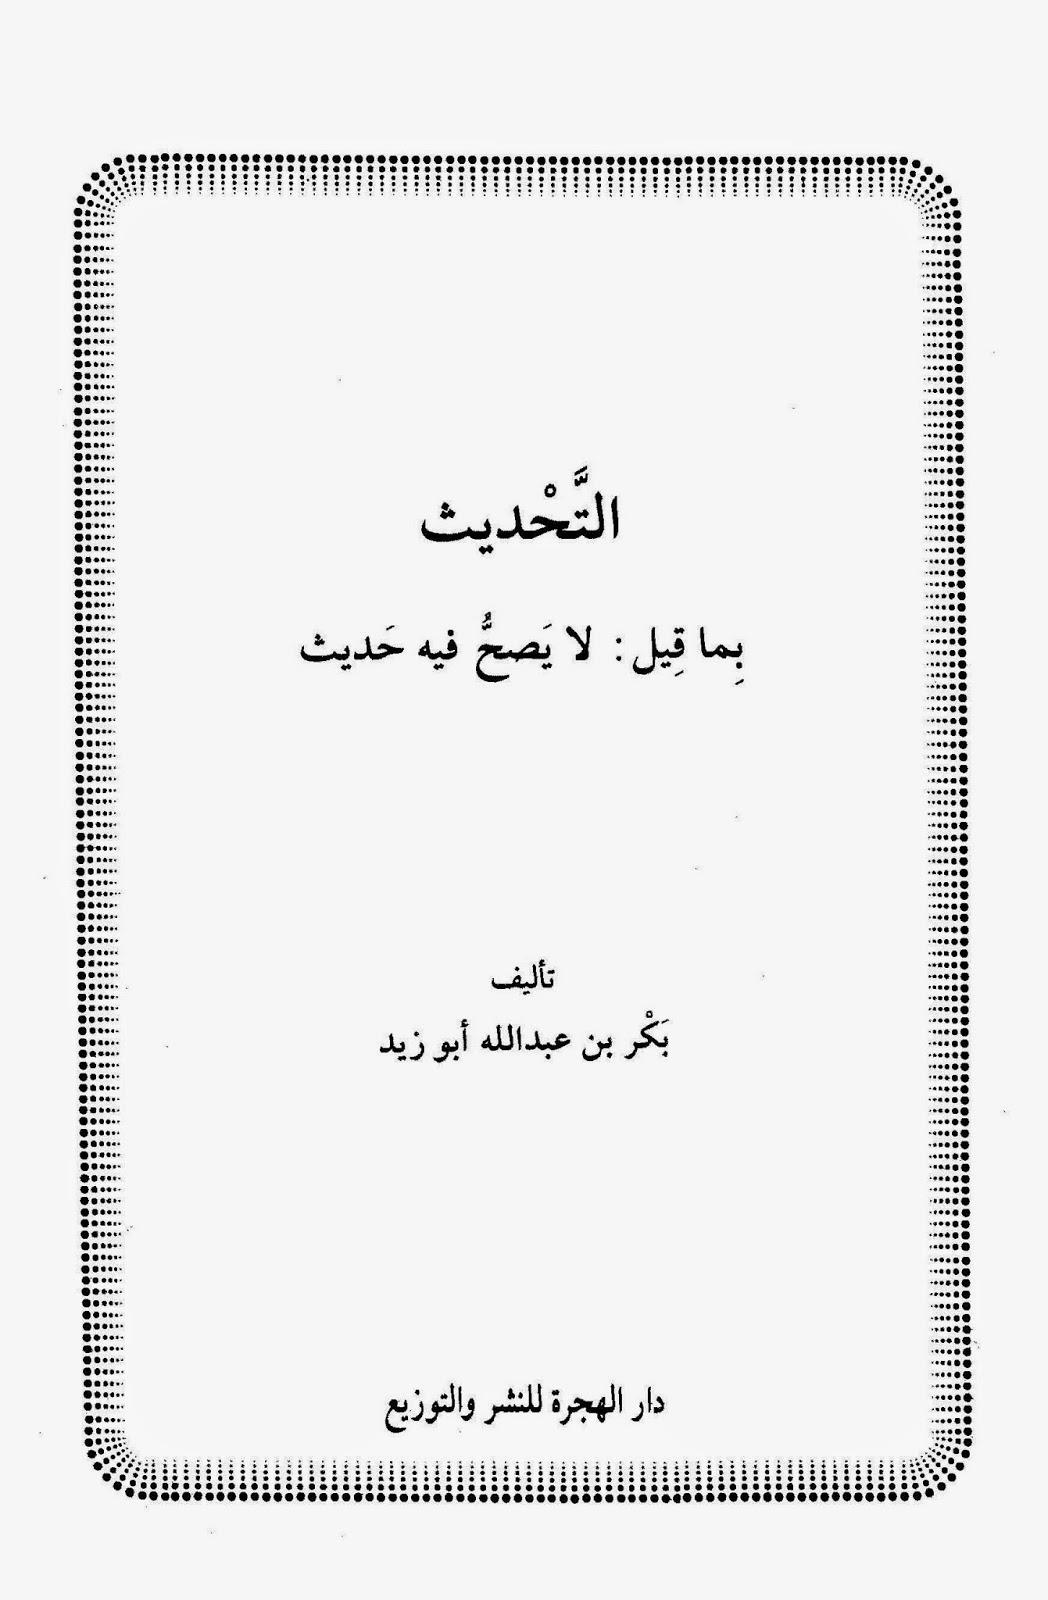 التحديث بما قيل لا يصح فيه حديث لـ بكر أبو زيد